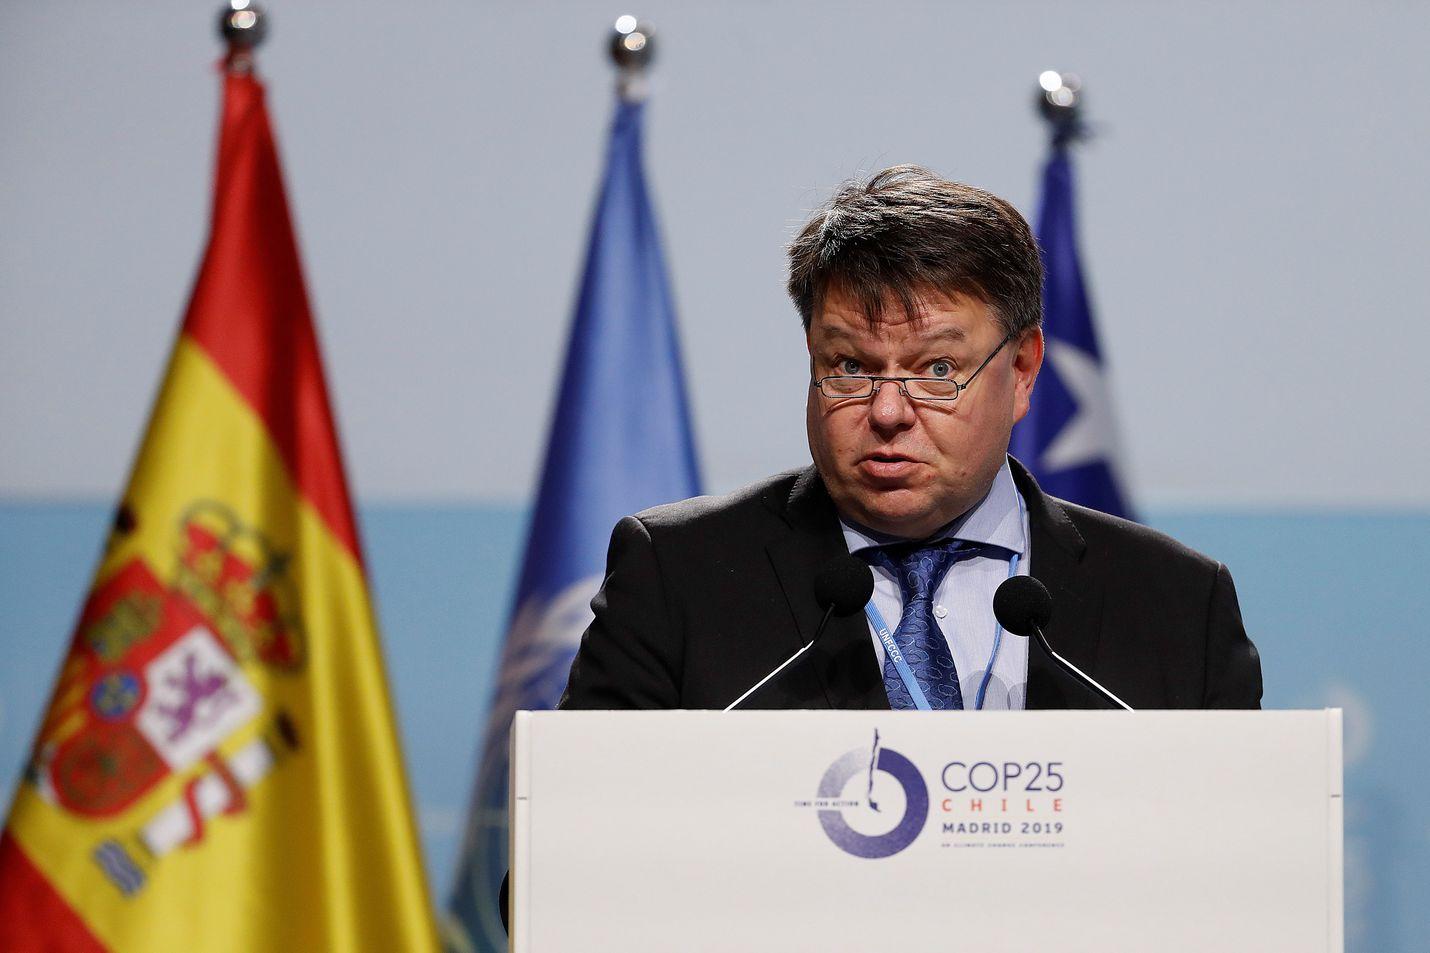 Maailman ilmatieteen järjestön WMO:n pääsihteeri Petteri Taalas puhui Madridin ilmastokokouksessa joulukuussa. Taalas sanoo sään ääri-ilmiöiden jatkuvan tiheänä nyt alkaneella vuosikymmenellä.